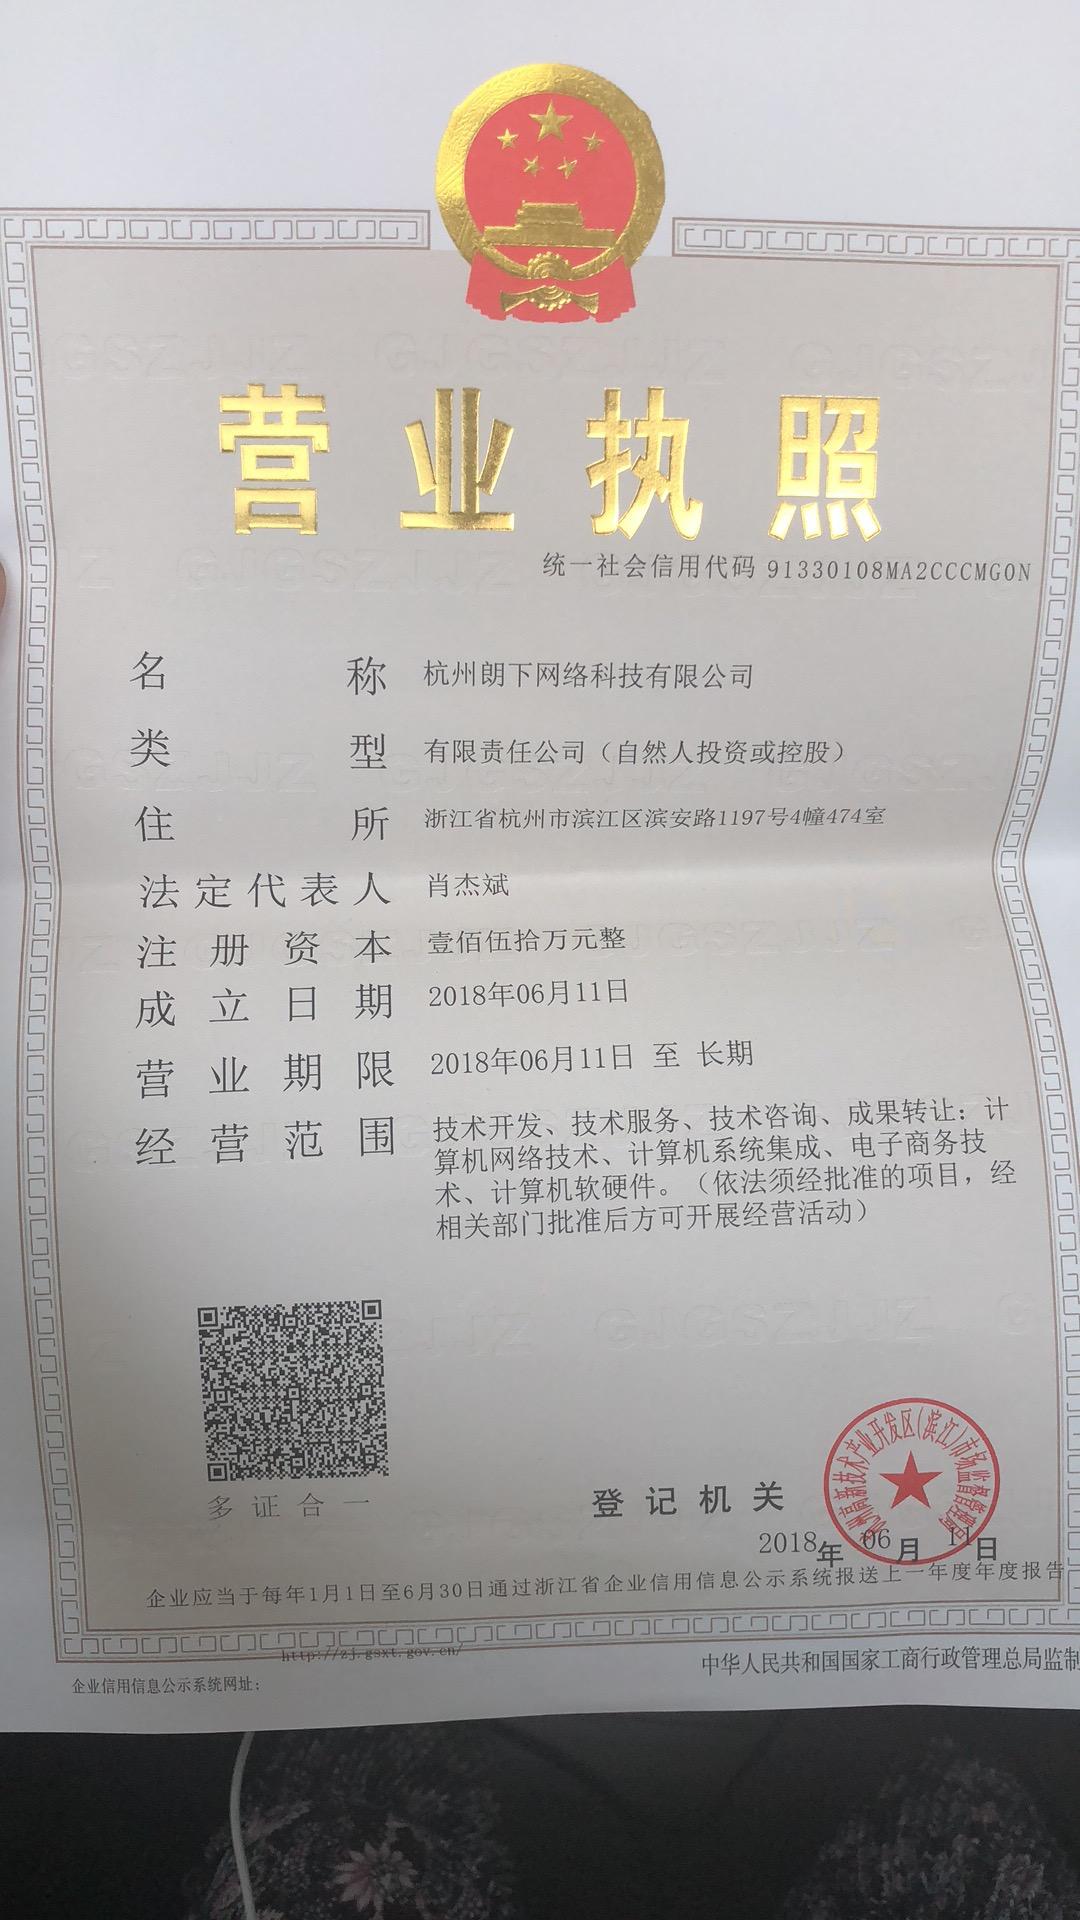 杭州朗下网络科技有限公司